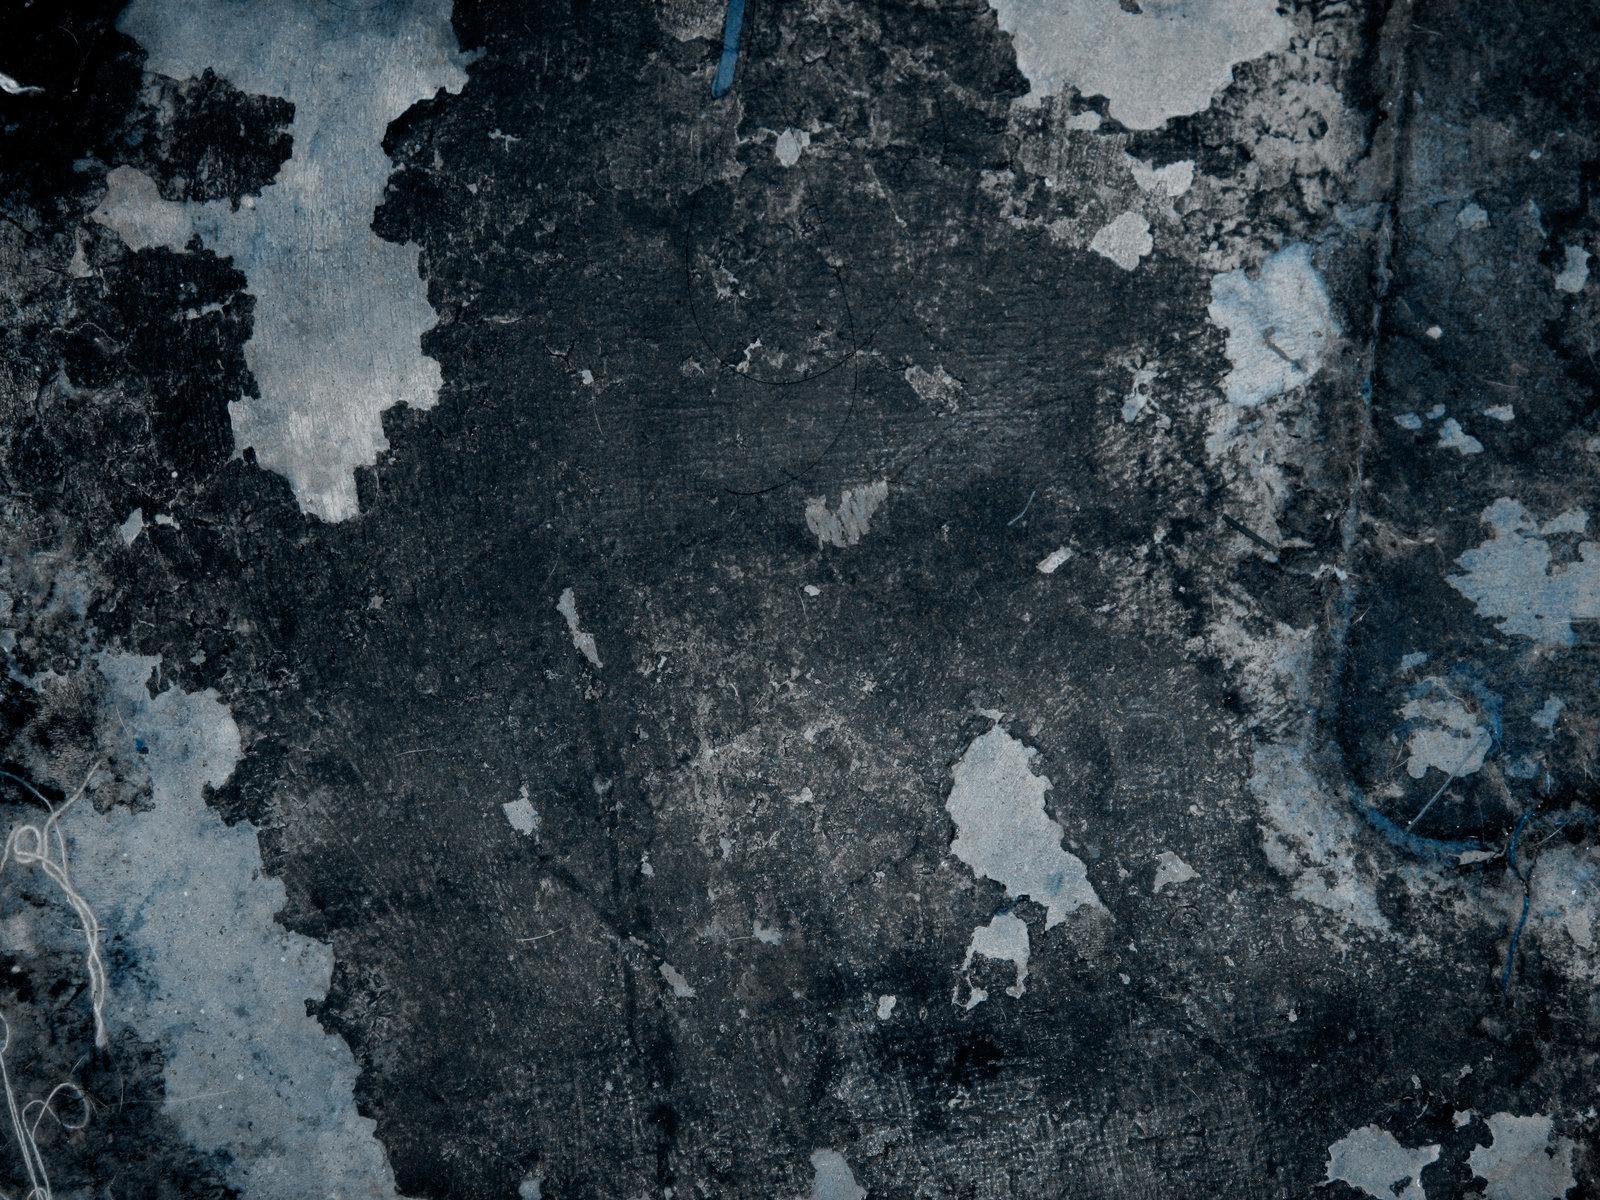 Grunge Background 1600x1200